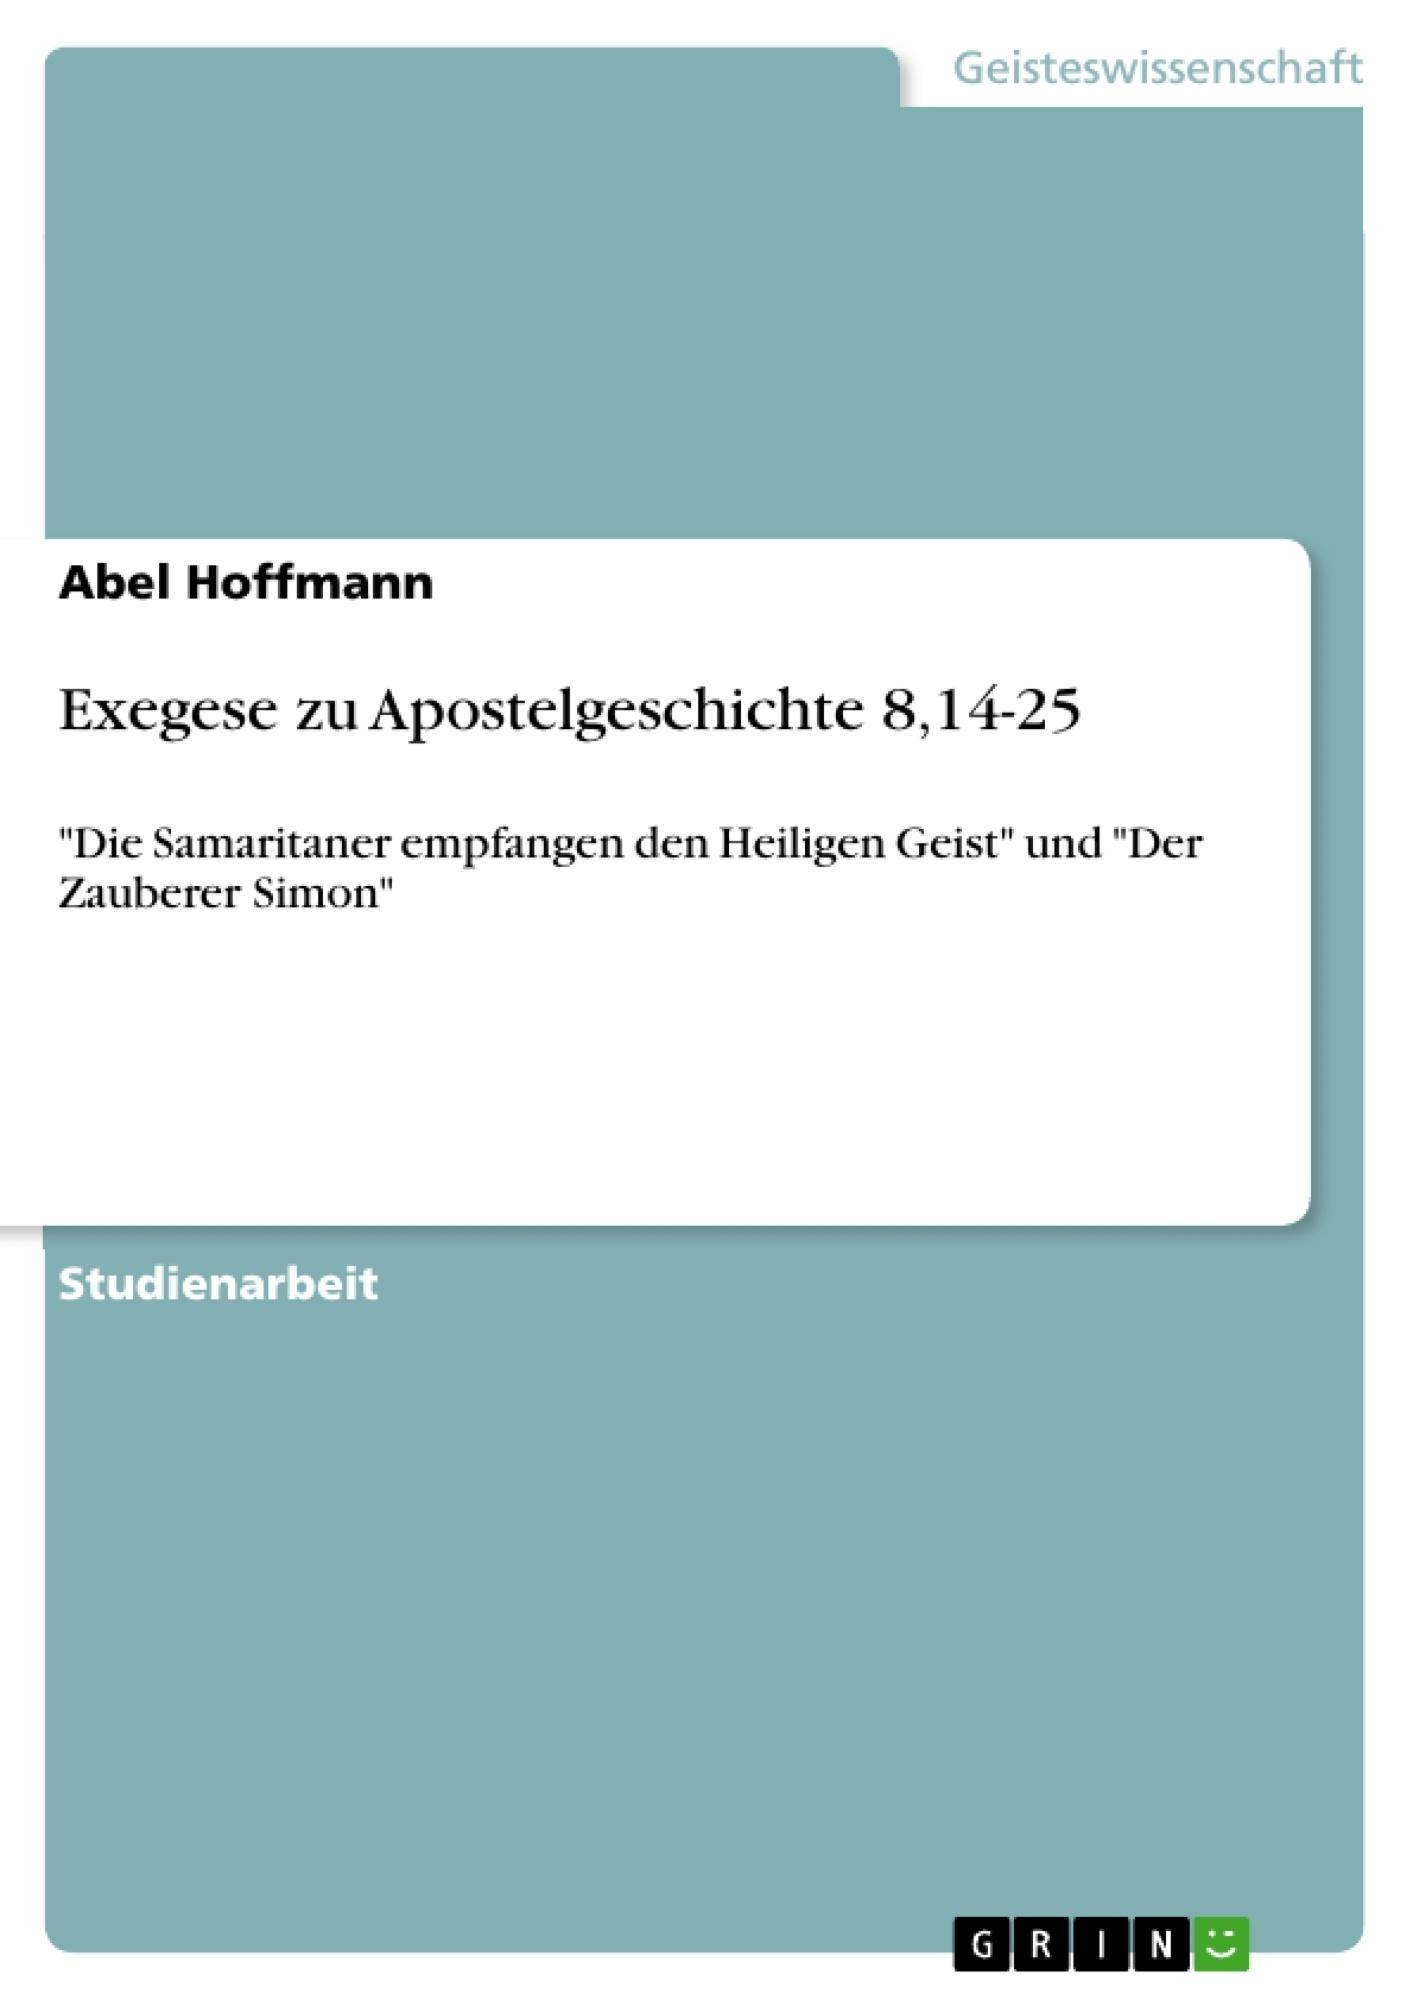 Titel: Exegese zu Apostelgeschichte 8,14-25